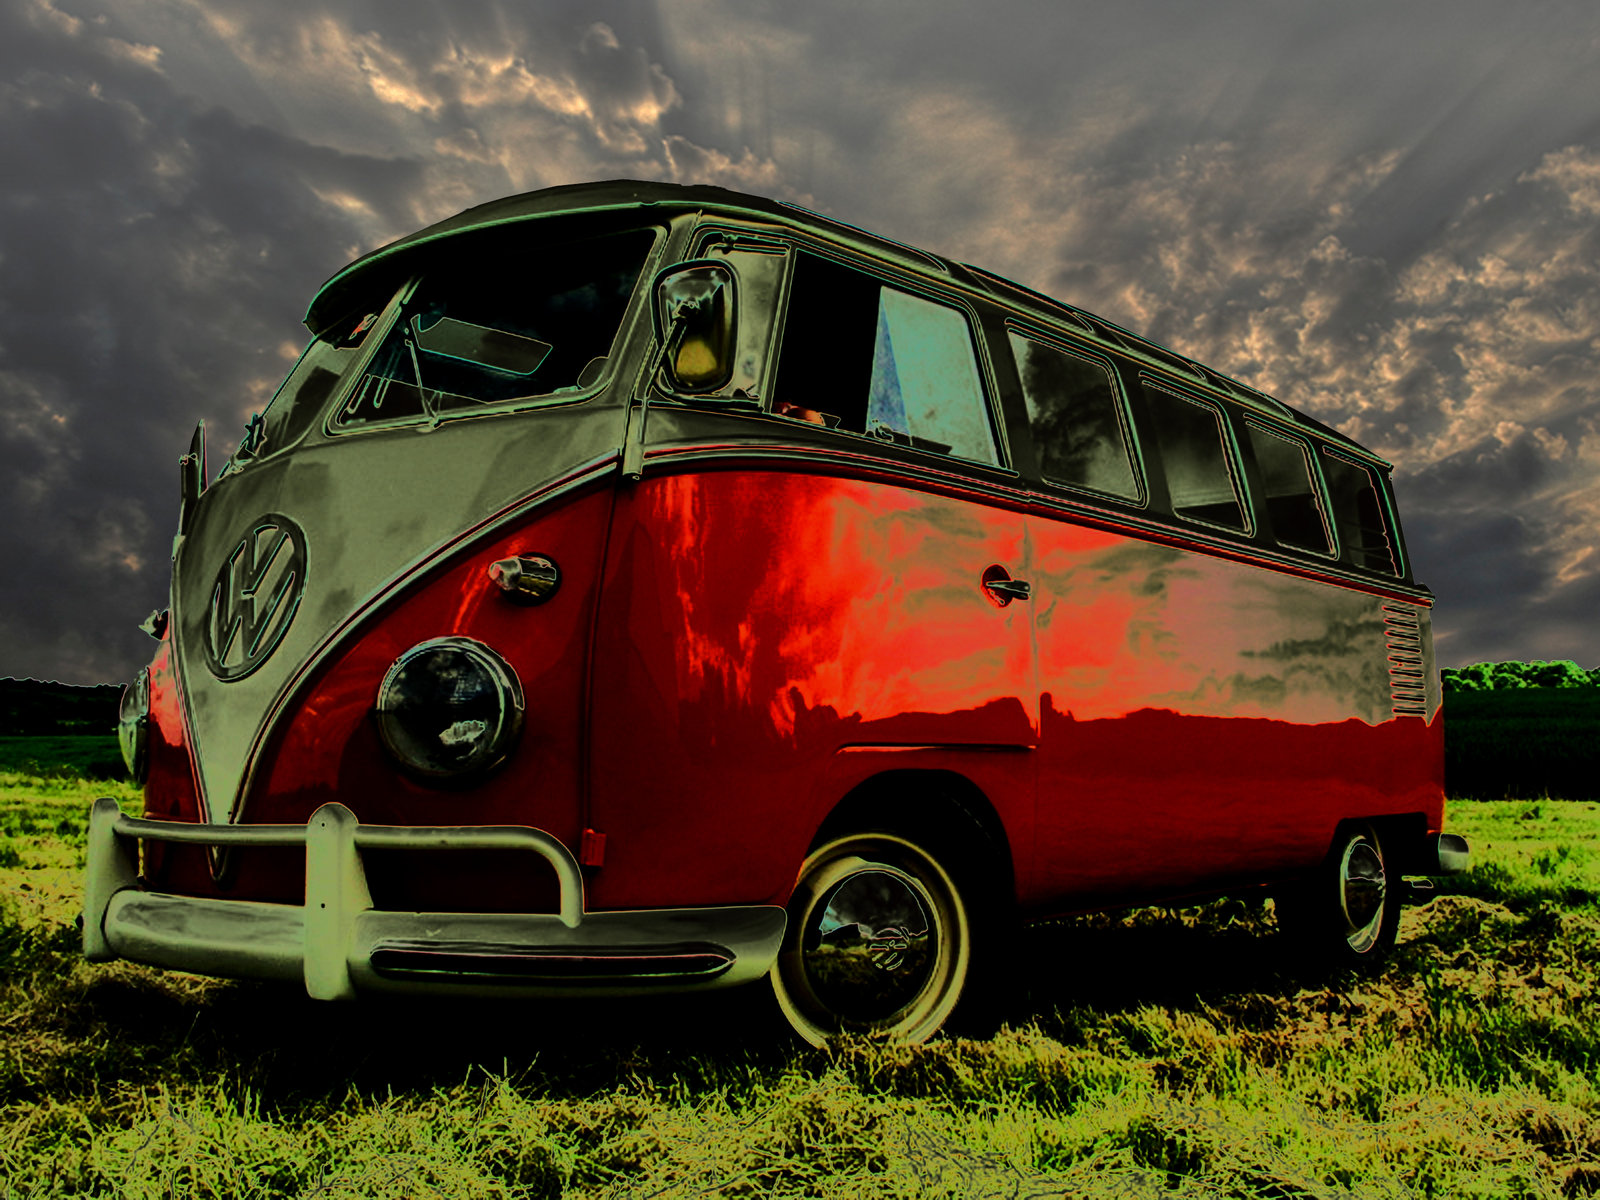 Volkswagen Camper Van Wallpaper vw Camper Van Wallpapers 1600x1200